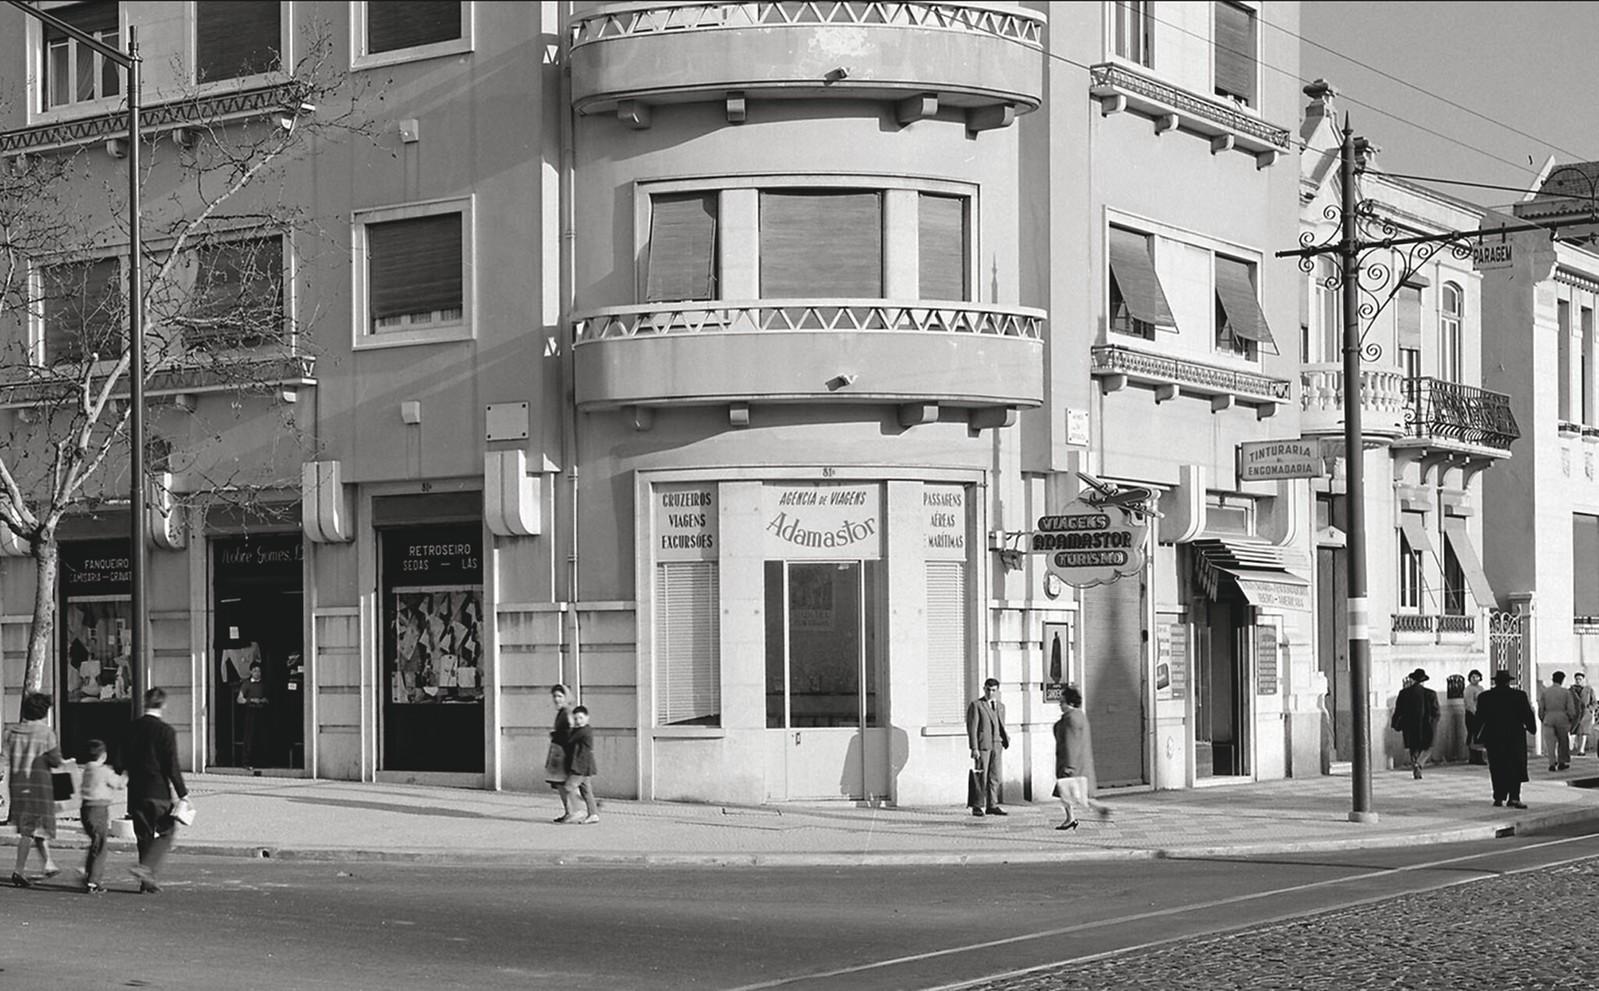 …, Lisboa, 195... Horácio de Novaes, in Bibliotheca d' Arte da F.C.G.